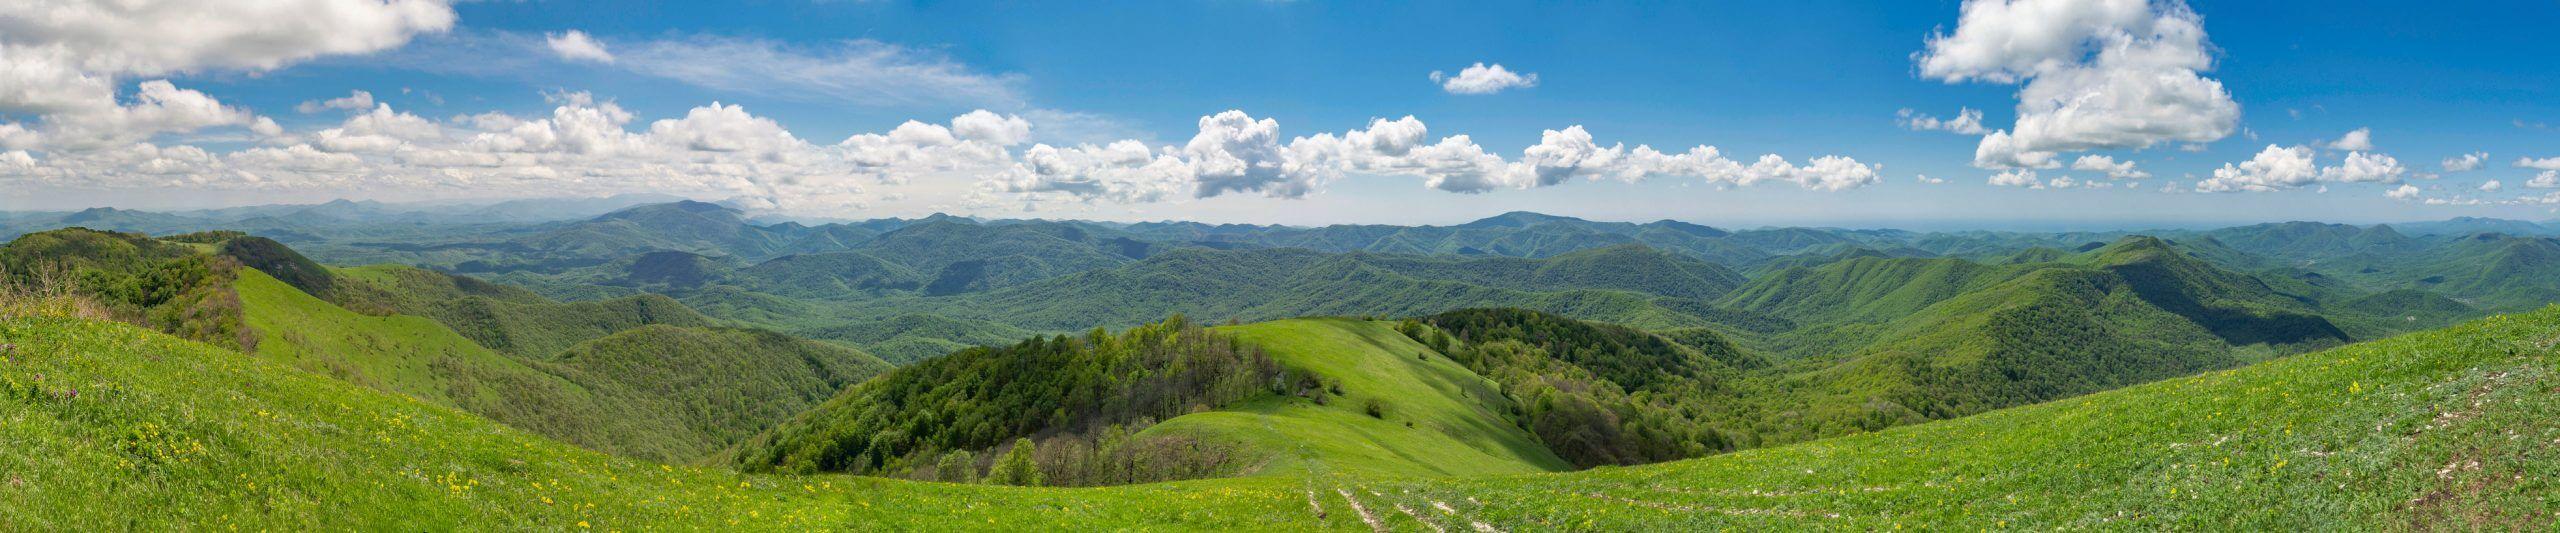 Панорама с горы Почепсуха